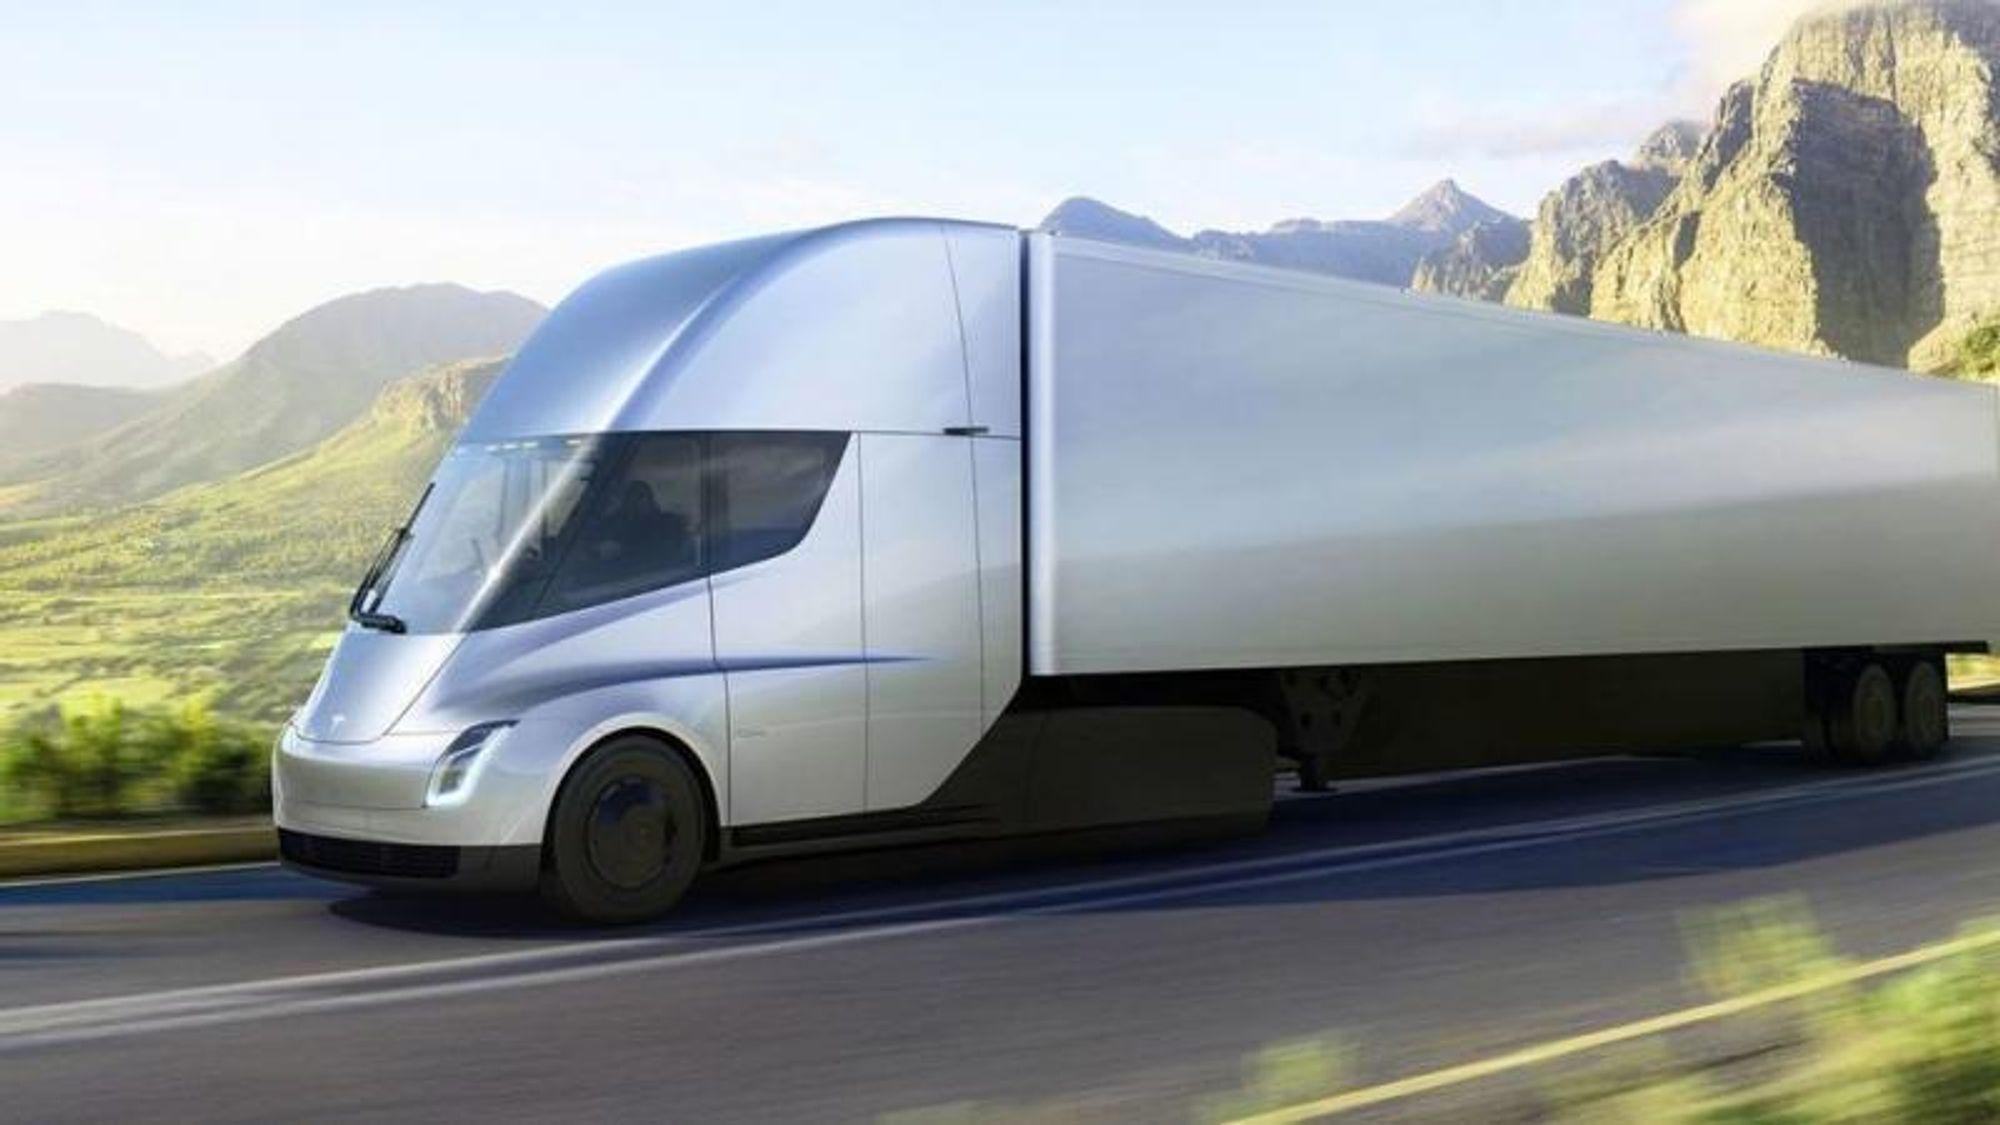 Når elektrifiseringen av transportsektoren skyter fart, kan det bli en kjempeutfordring for nettselskapene, mener direktøren for det amerikanske strømselskapet Oncor.